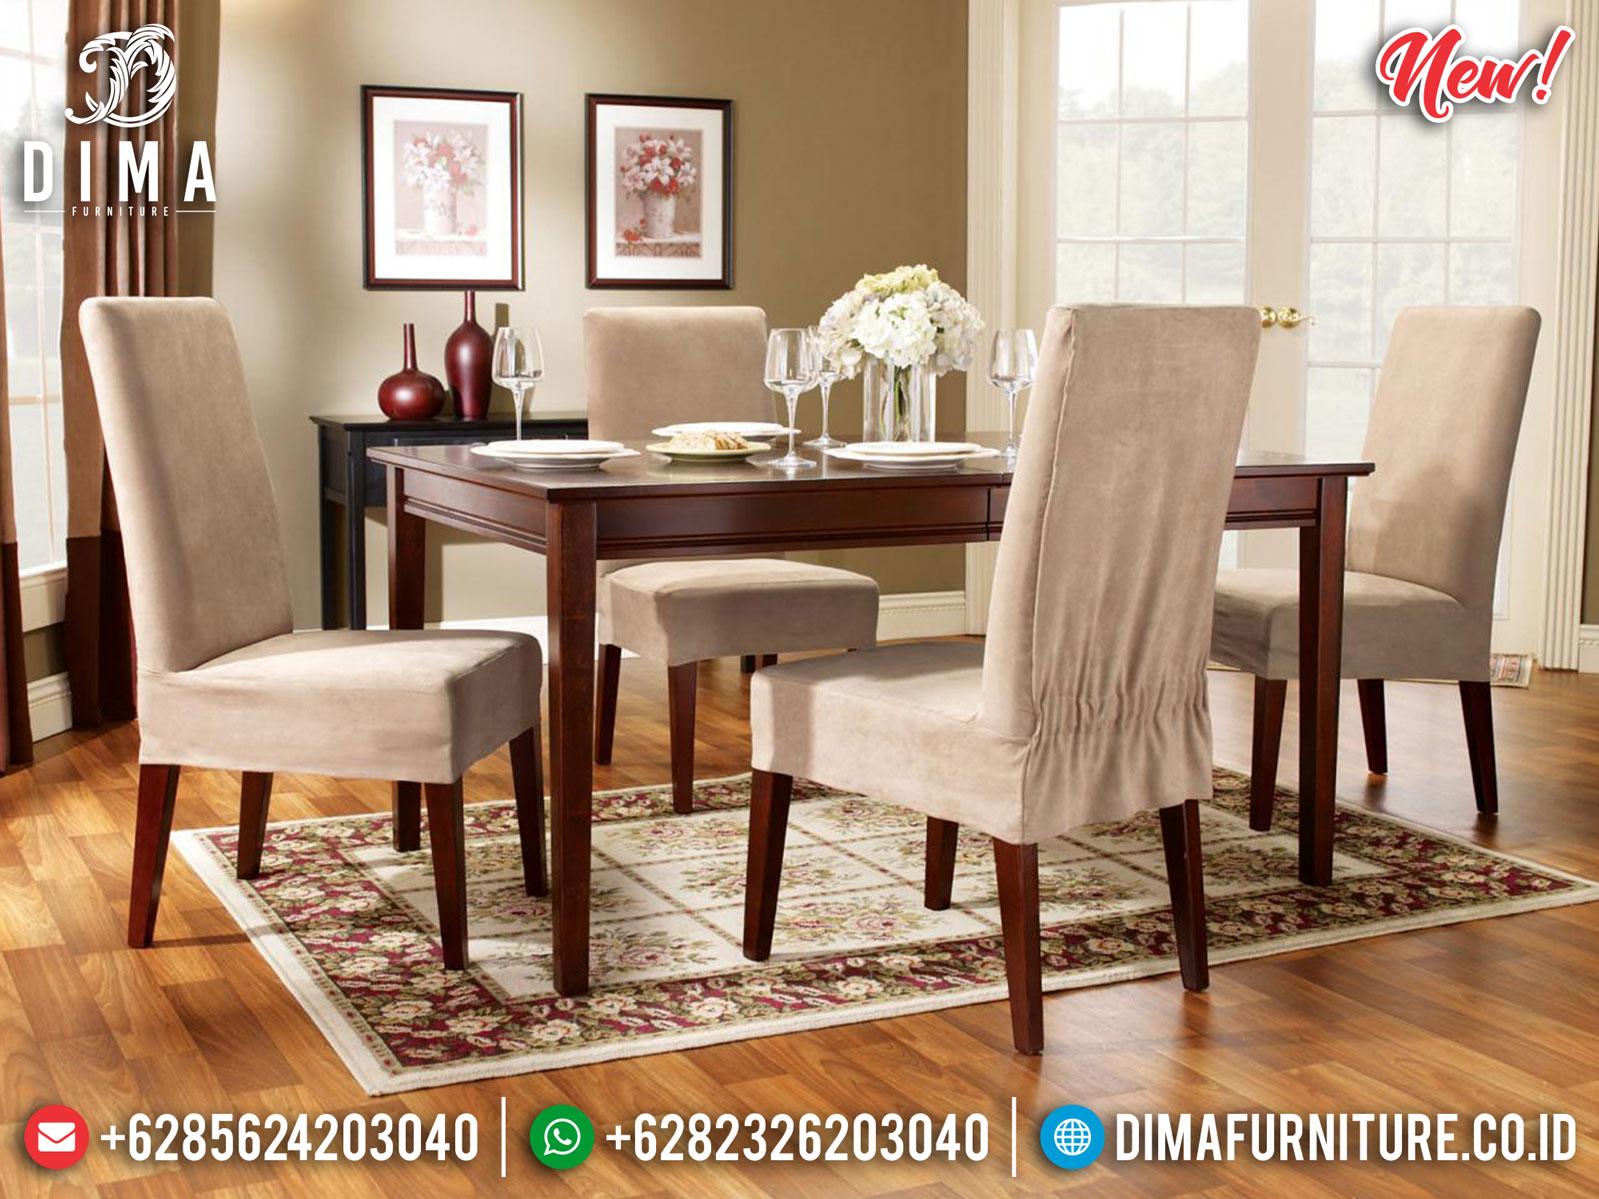 Design Inspiring Meja Makan Minimalis Classic Natural Jati Perhutani Jepara MM-0824